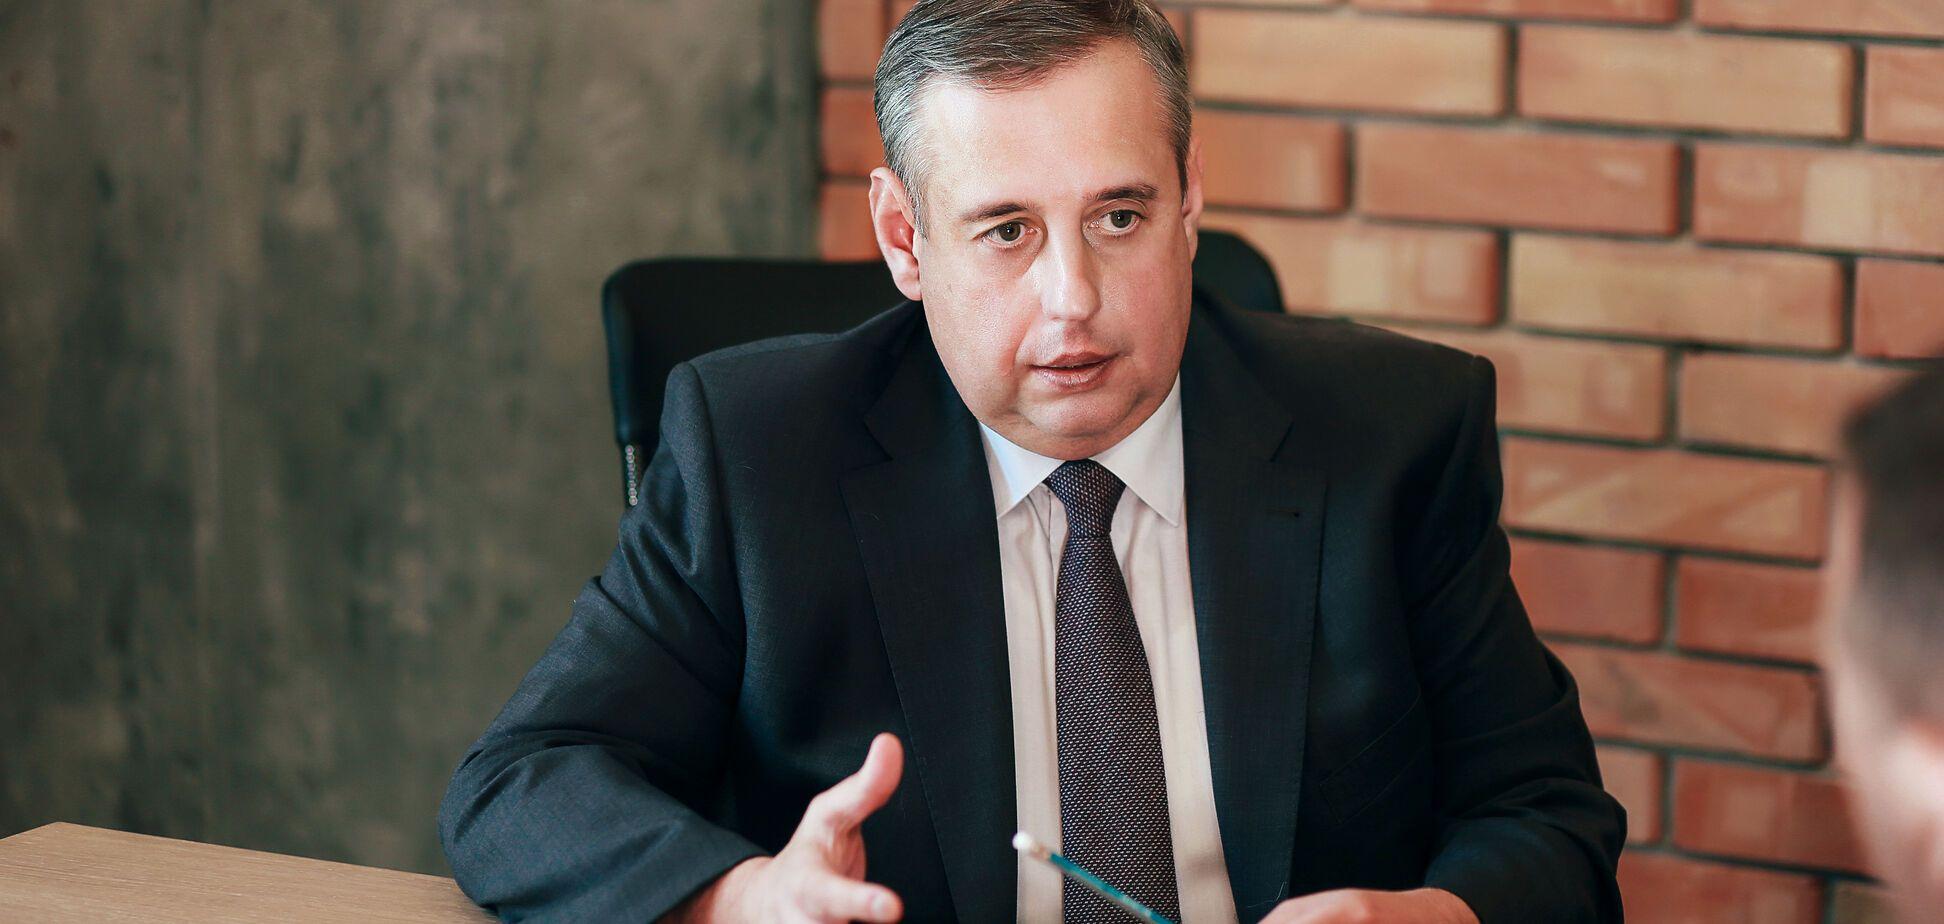 Вице-президент Конфедерации строителей Украины Дмитрий Исаенко